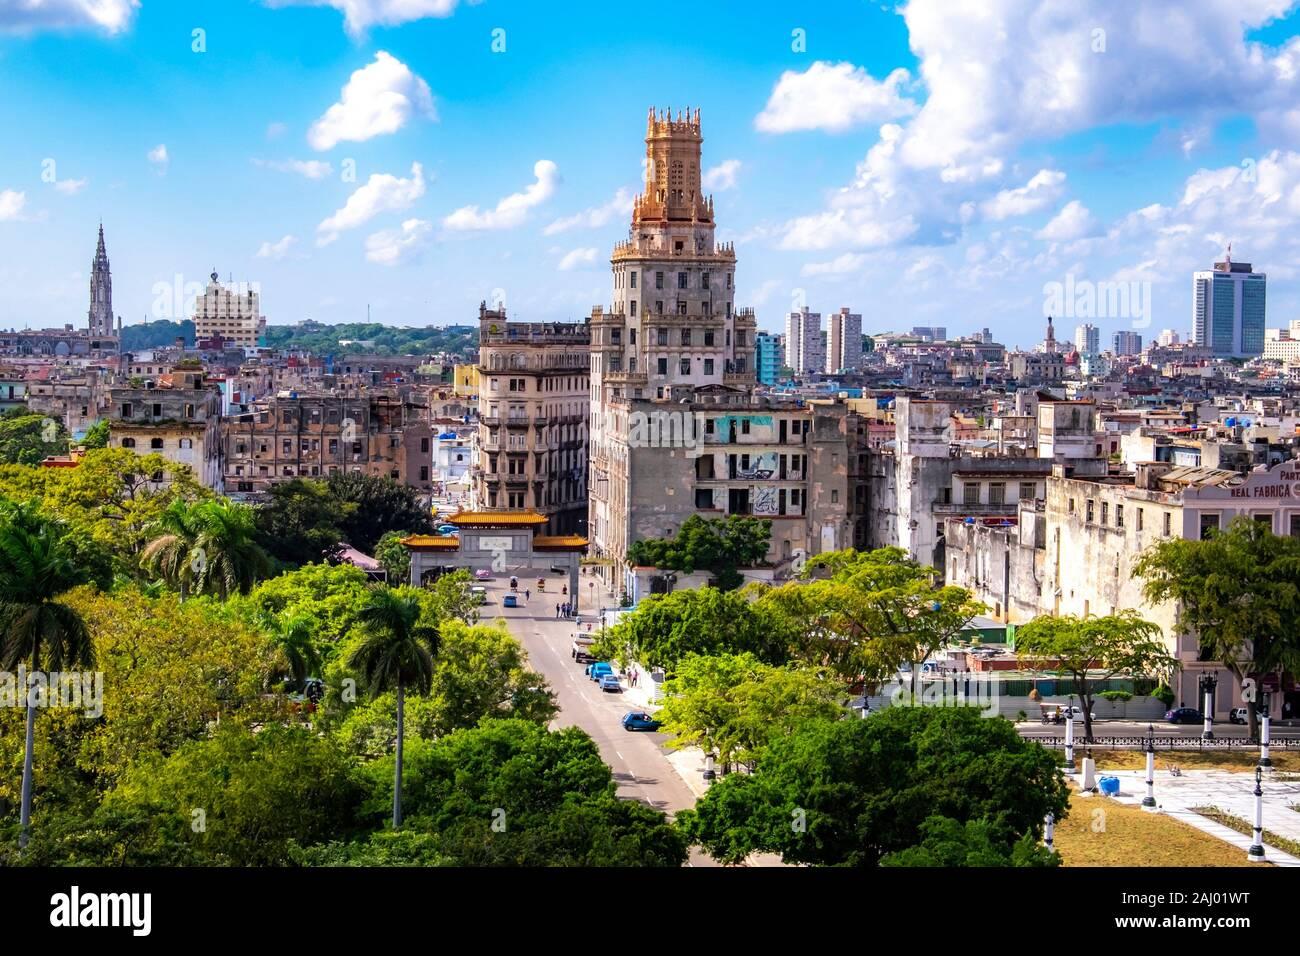 Syline de La Habana, República de Cuba, el Caribe, América Central. Foto de stock